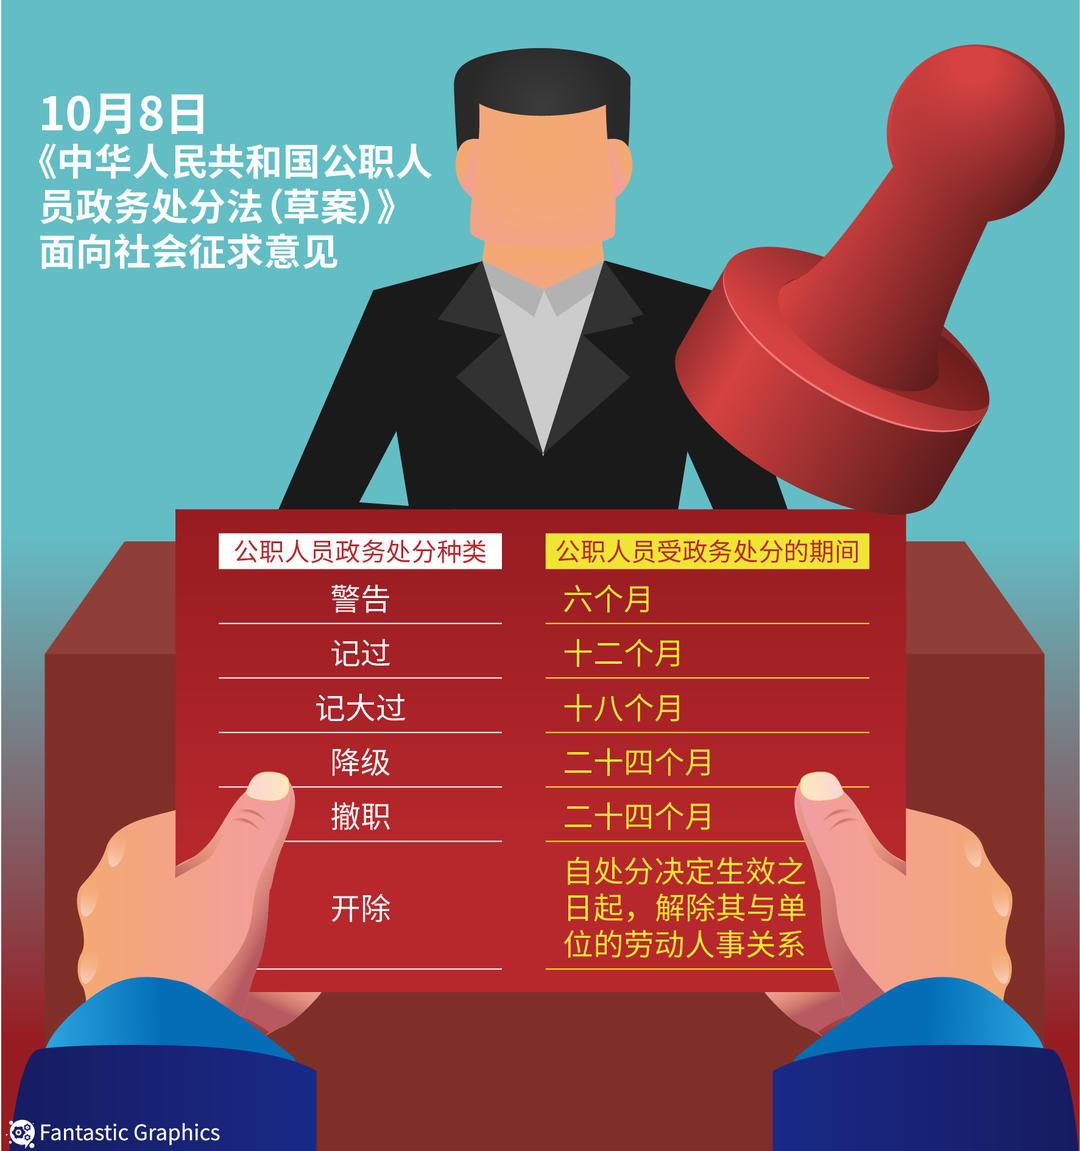 人民日报谈区域经济:东北振兴加快 东部引领创新发展